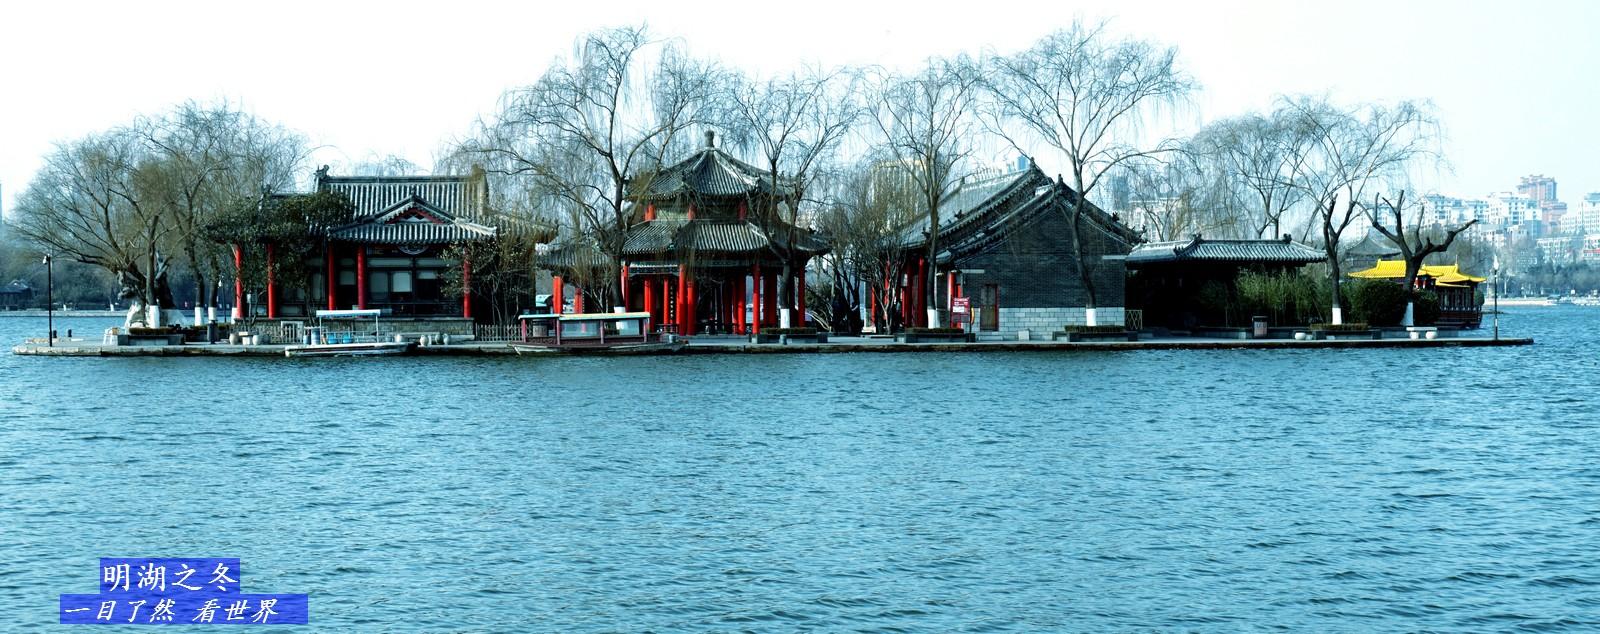 明湖之冬-13-1600.jpg